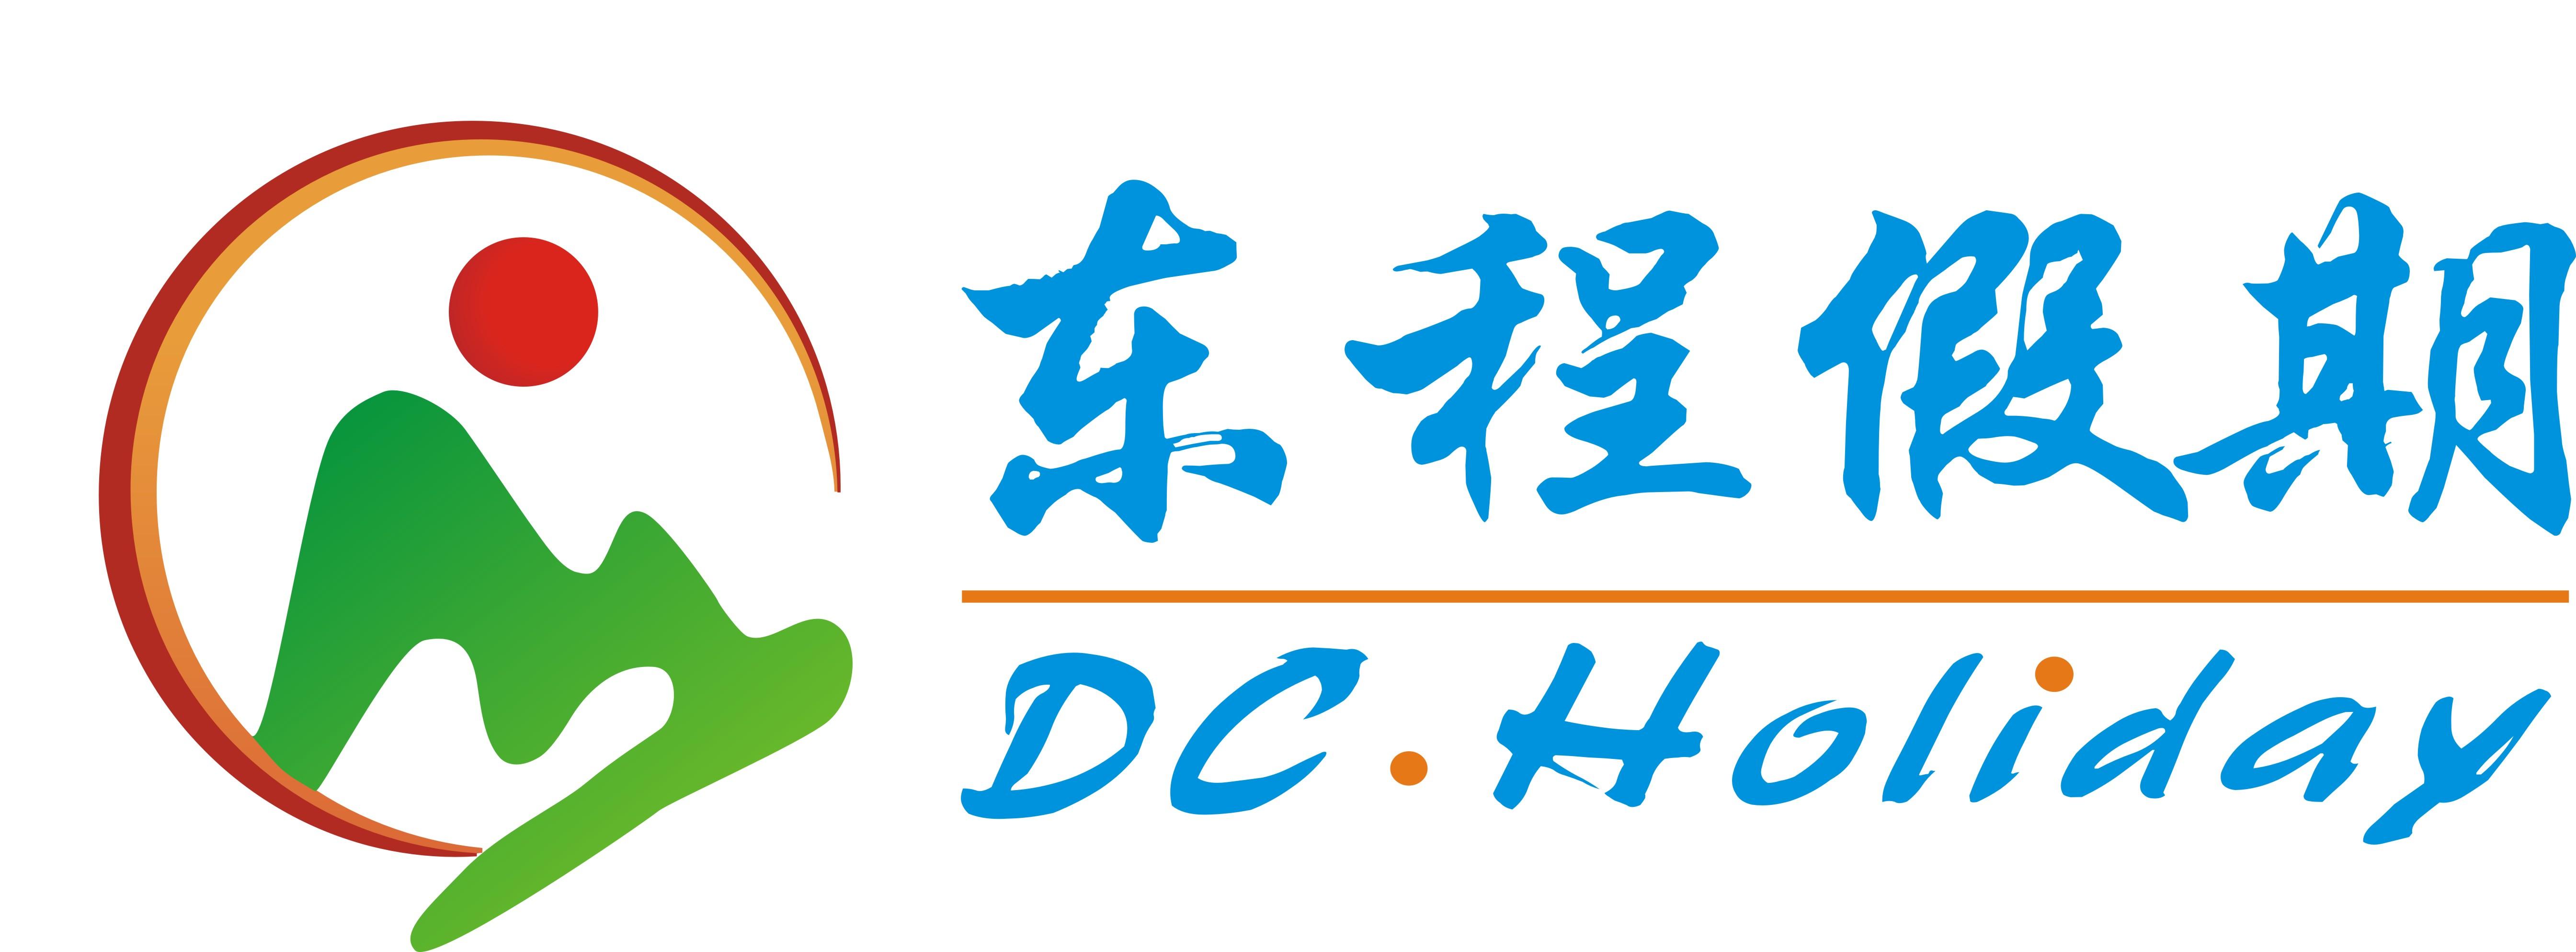 logo logo 标志 设计 矢量 矢量图 素材 图标 5378_1987